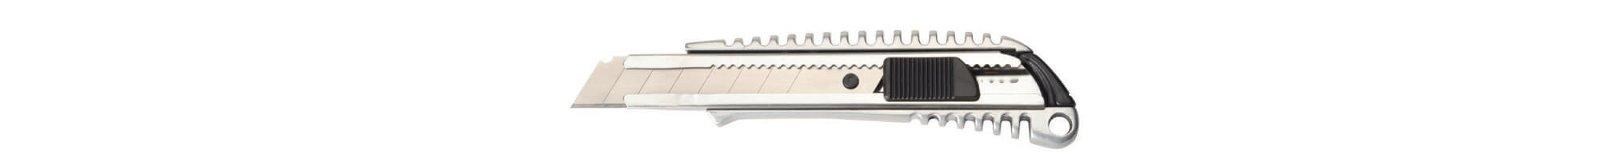 Cutter Metall, 18 mm, sonstige